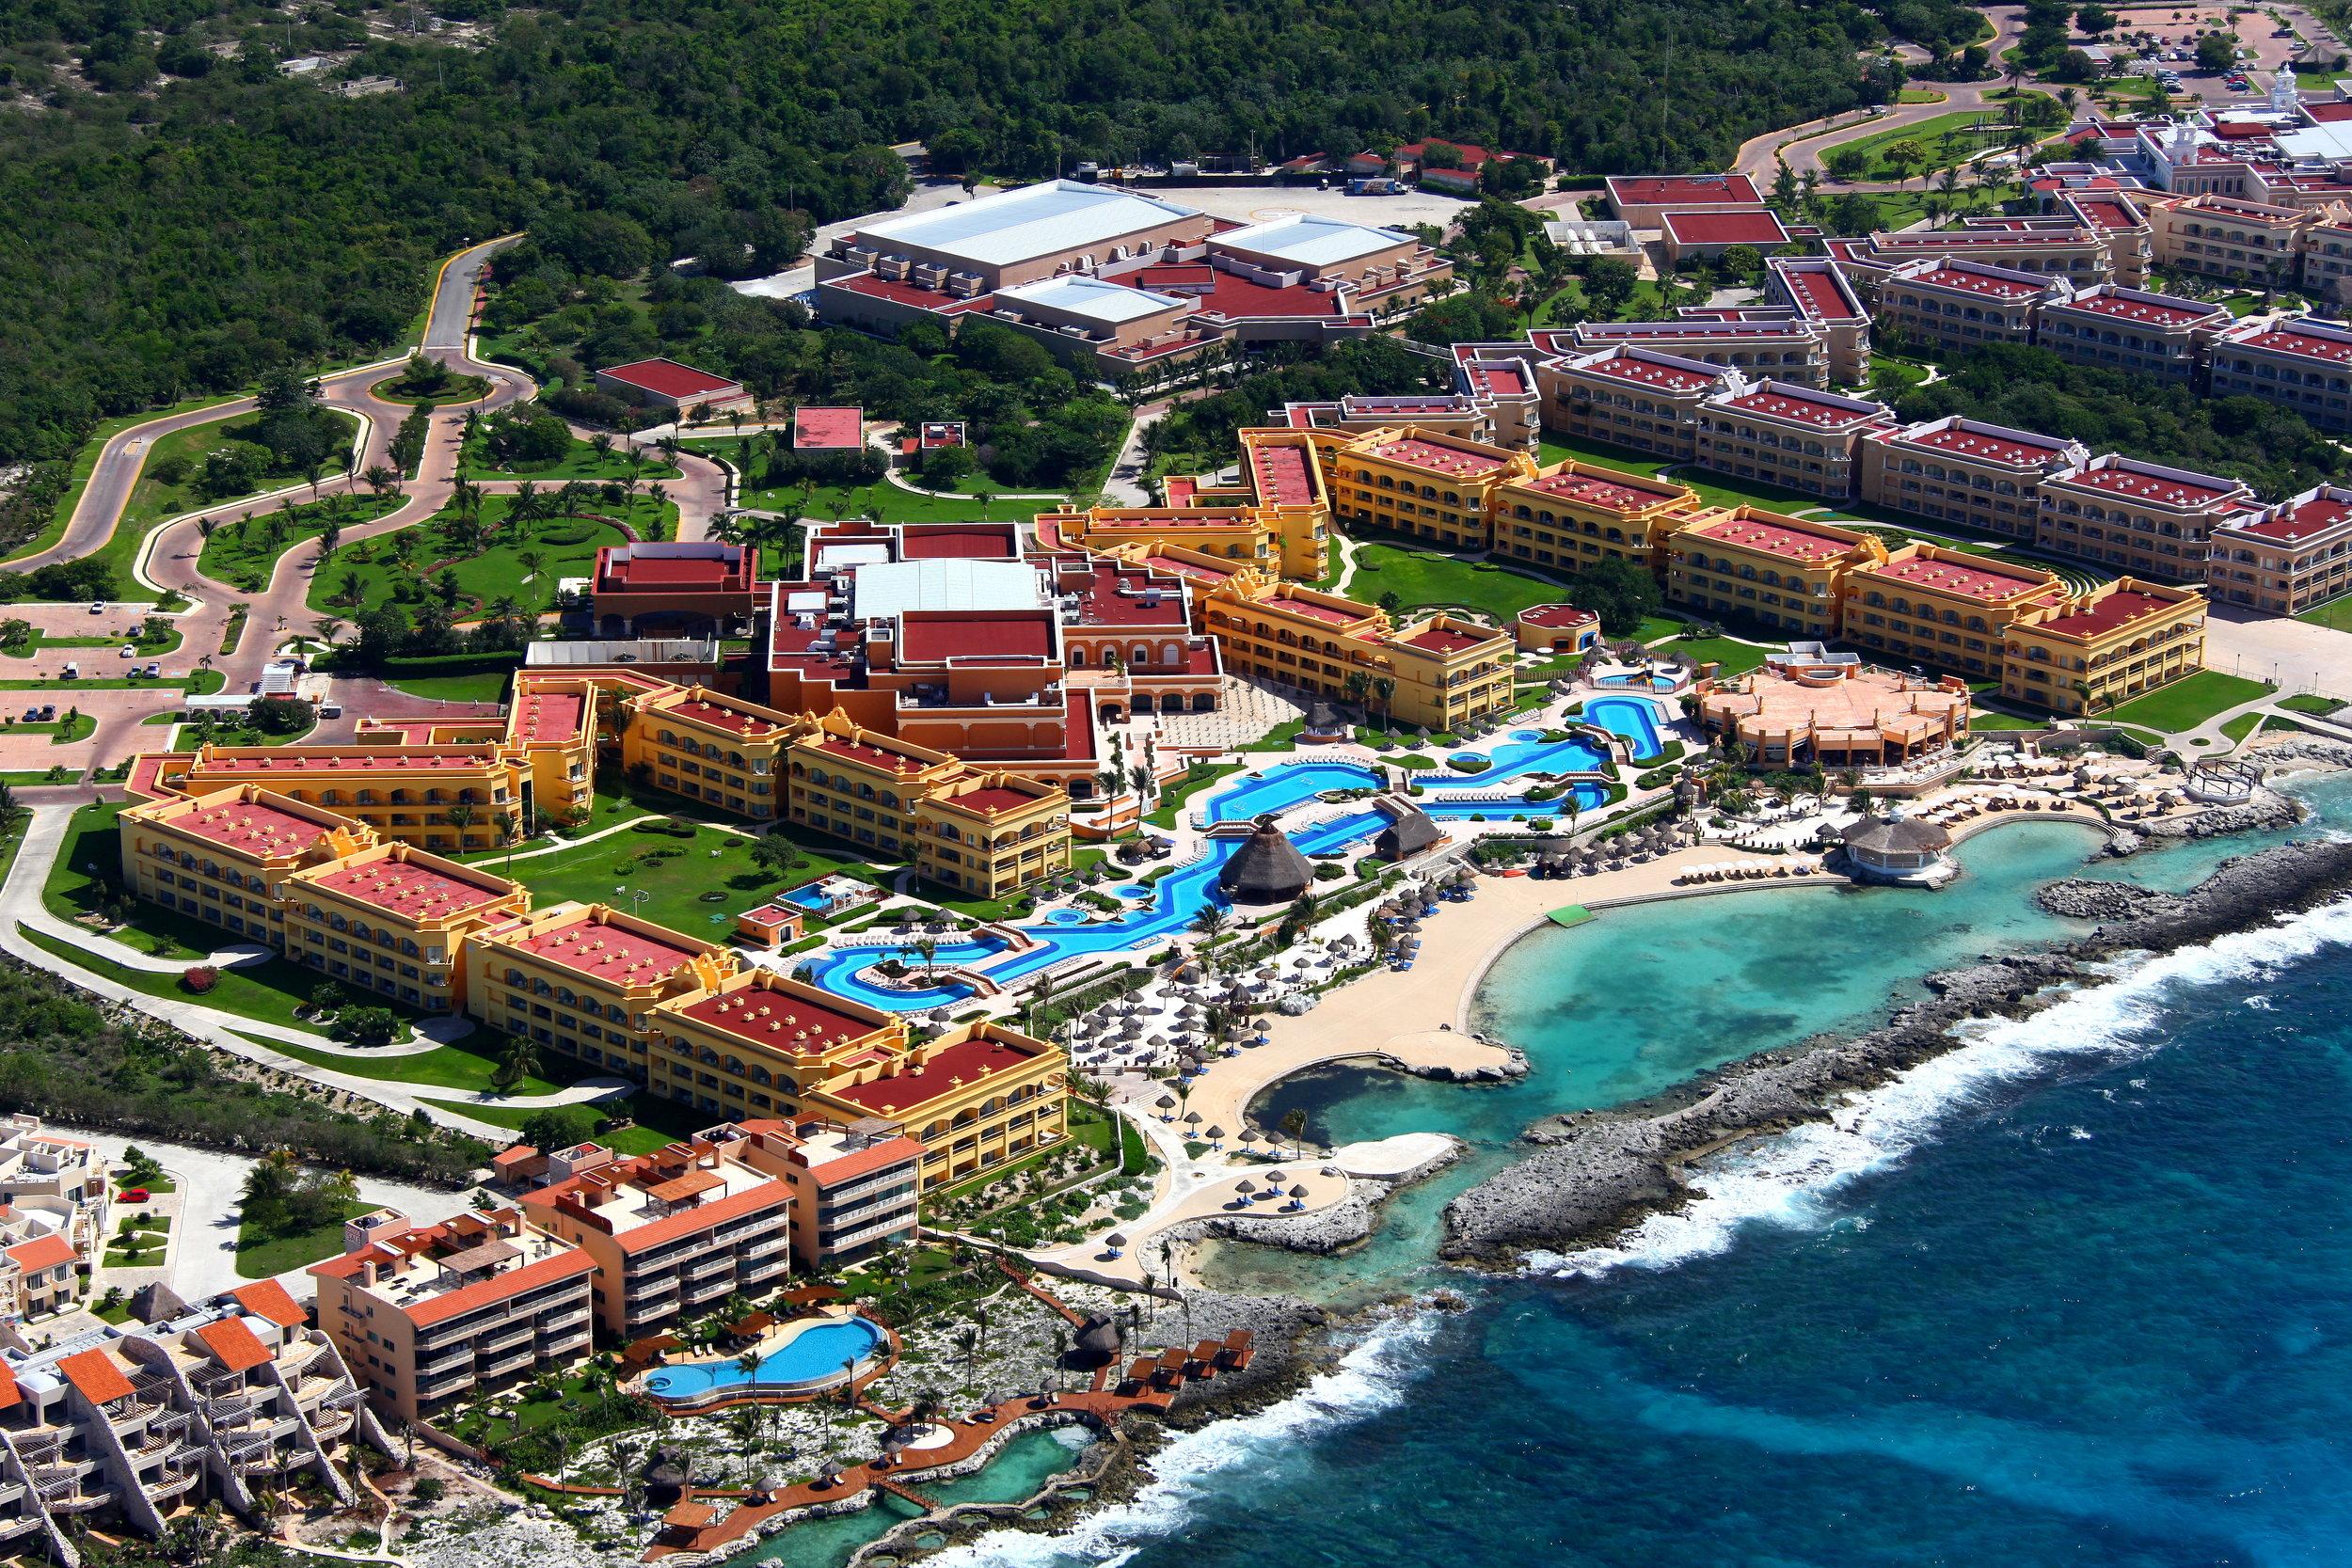 Mayan Riviera, QR, Mexico - San Antonio Aerial Photographer - Aerial Drone Image - Aerial Drone Video - Dallas, TX